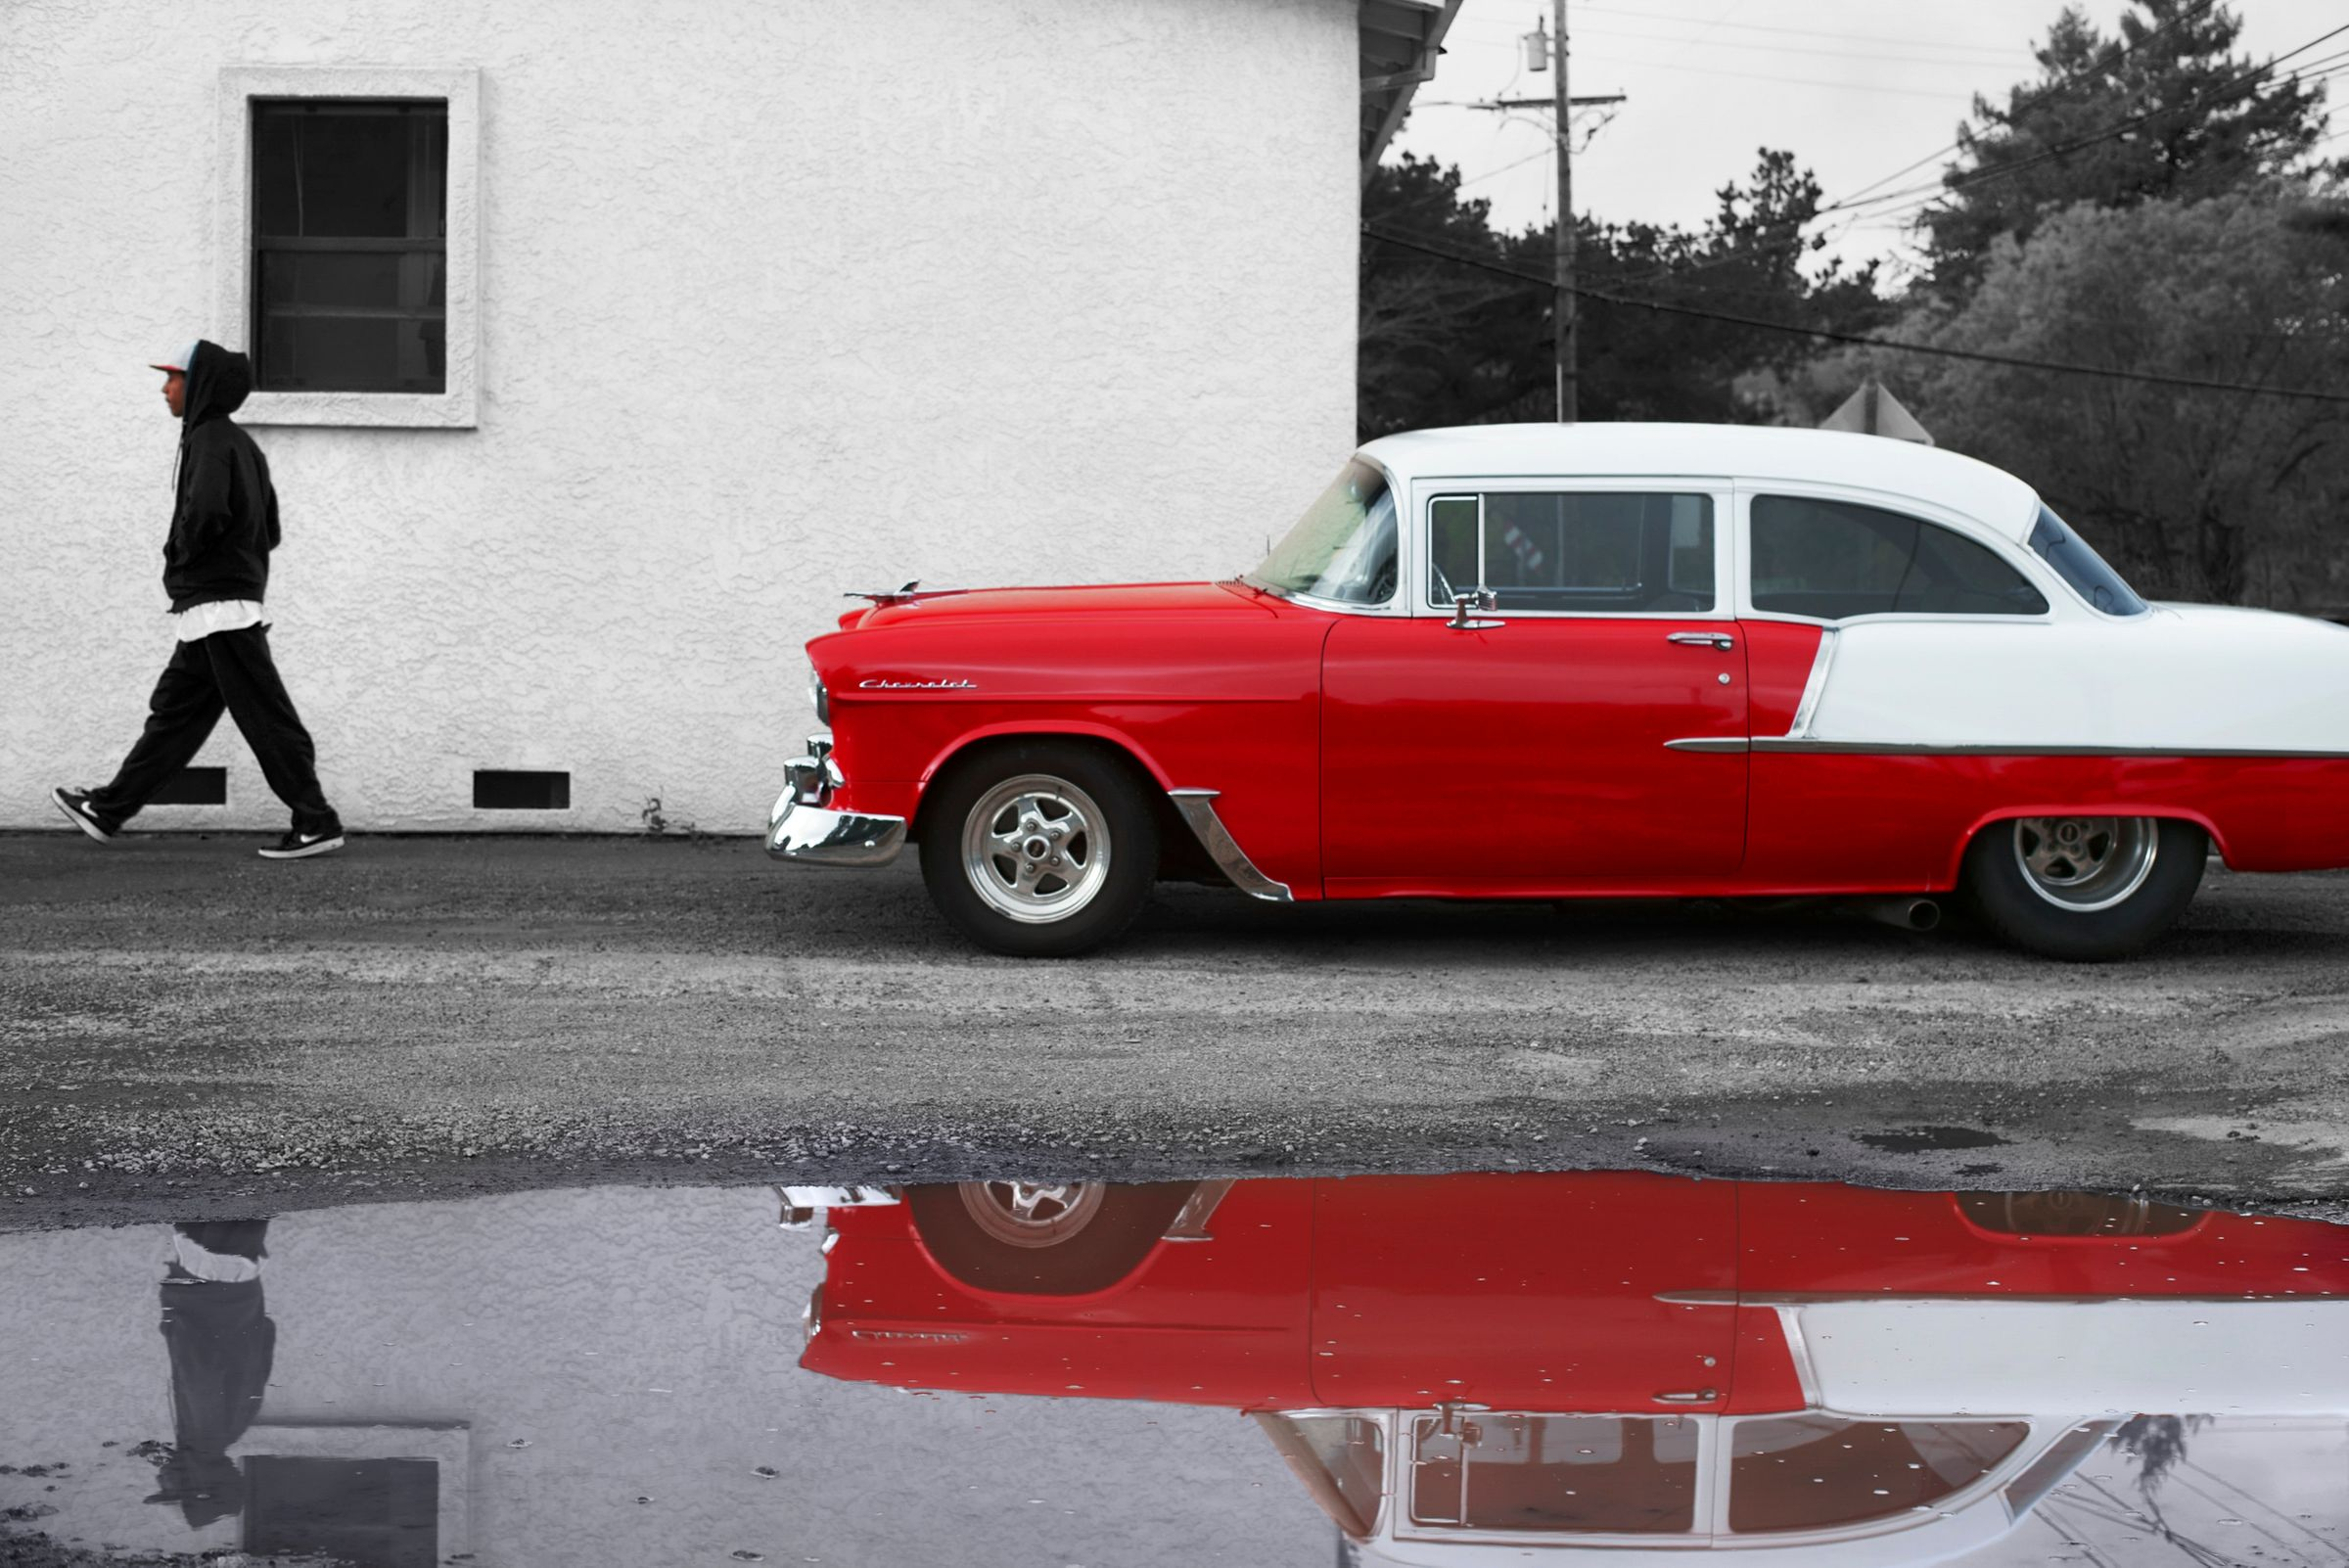 Red Ride, Napa CA